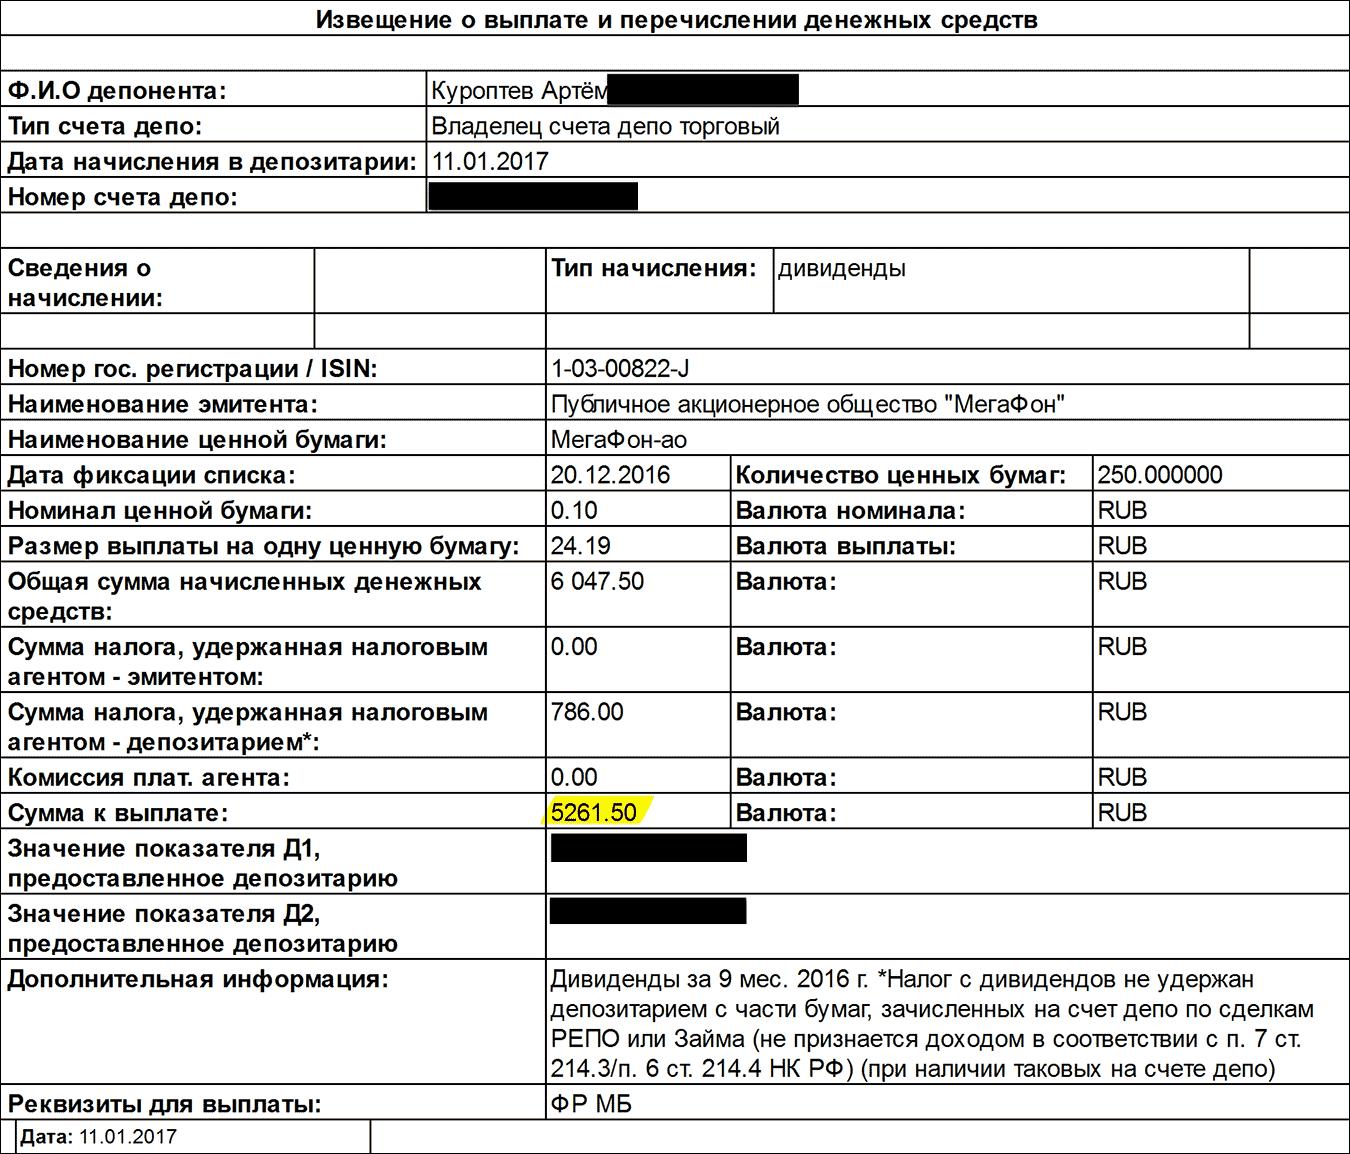 Пример извещения о выплате дивидендов (Мегафон)